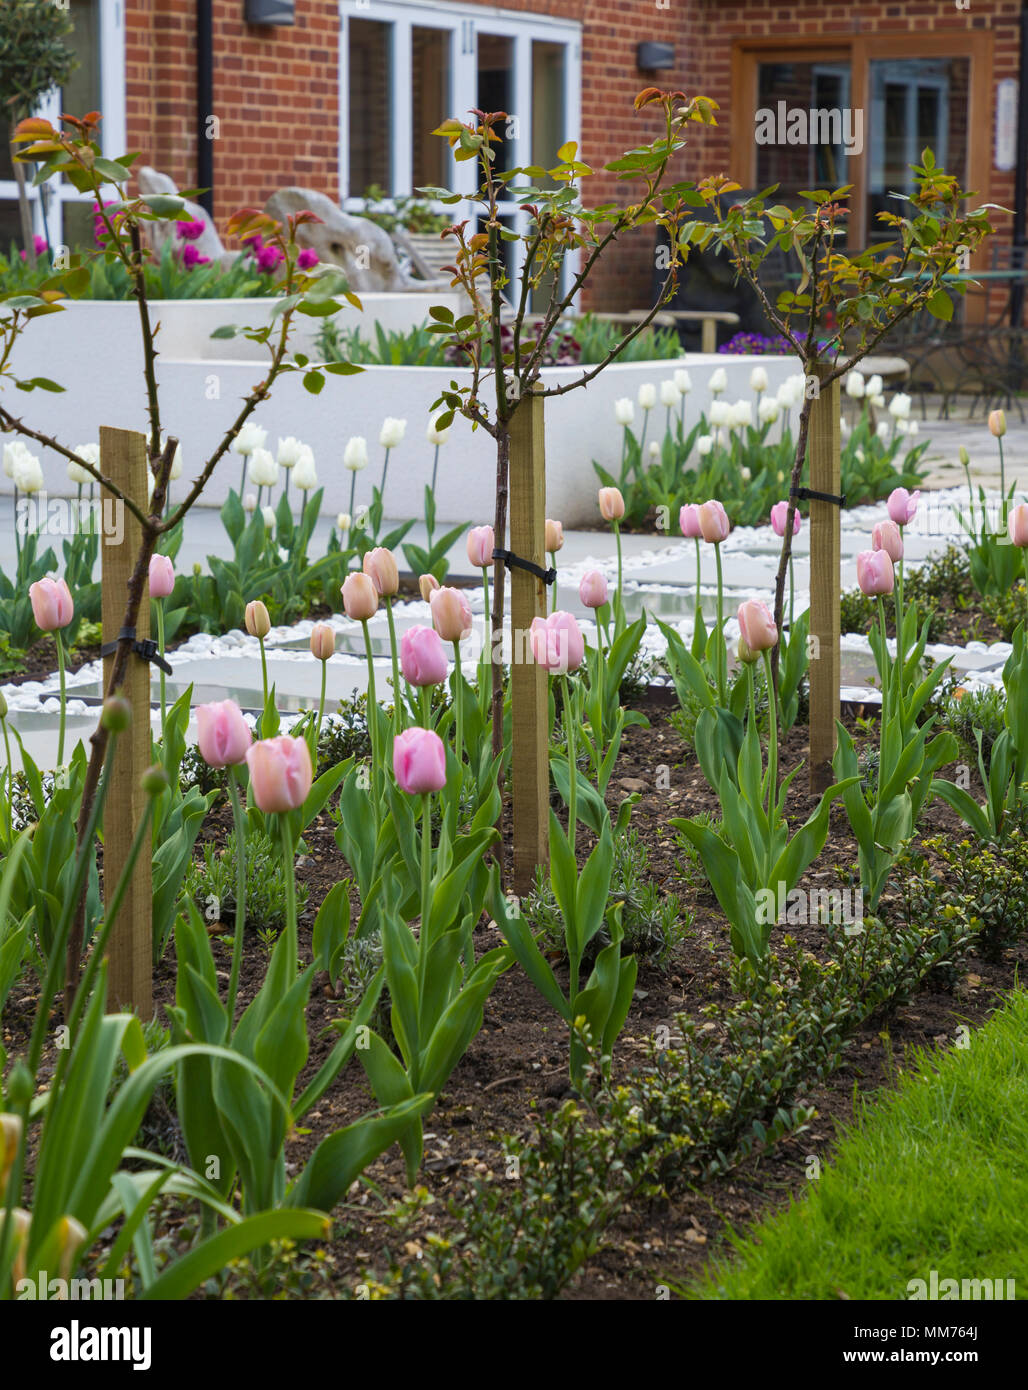 """Standard di mezza Rosa """"Stella Polare"""" underplanted con Tulipa """"diamante rosa', con Ilex crenata 'Dark verde' utilizzato come confine basso bordatura. Credits: Design by Foto Stock"""